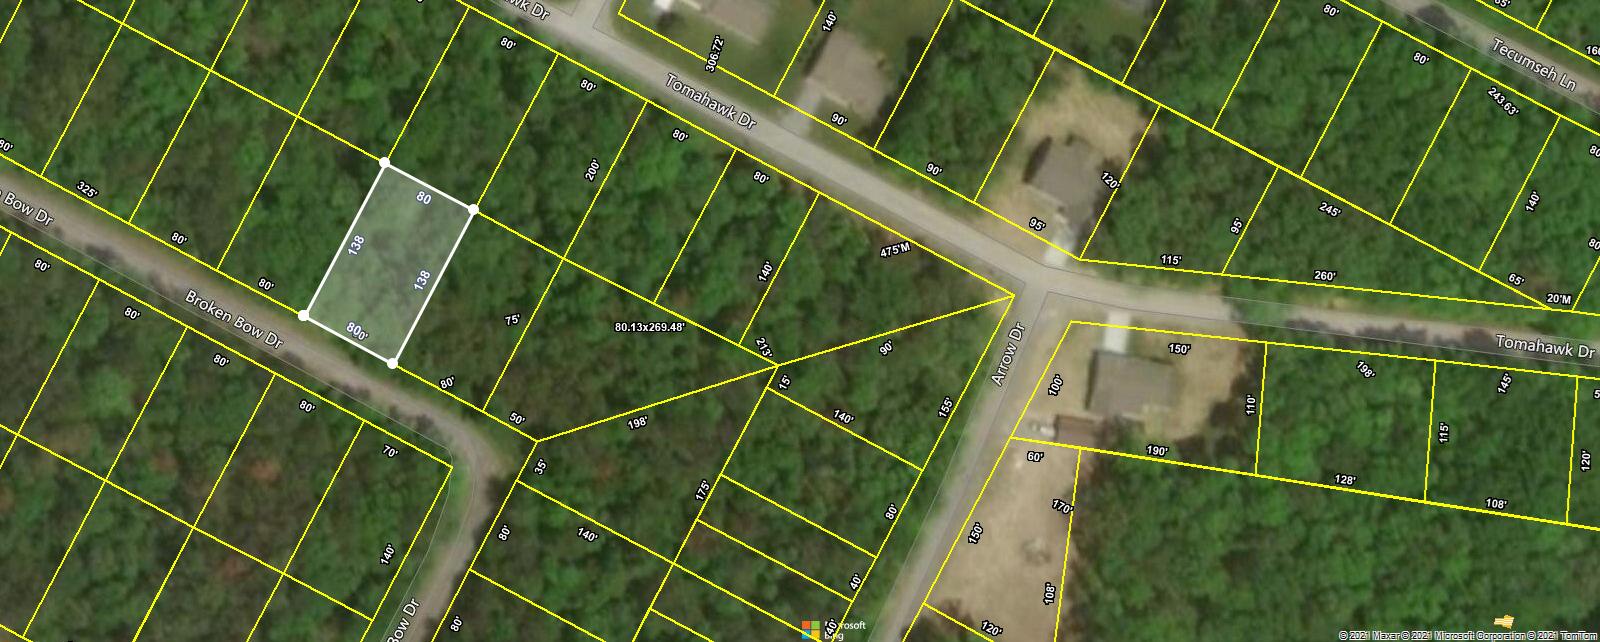 5019 Broken Bow Crossville TN 38572 lot for sale